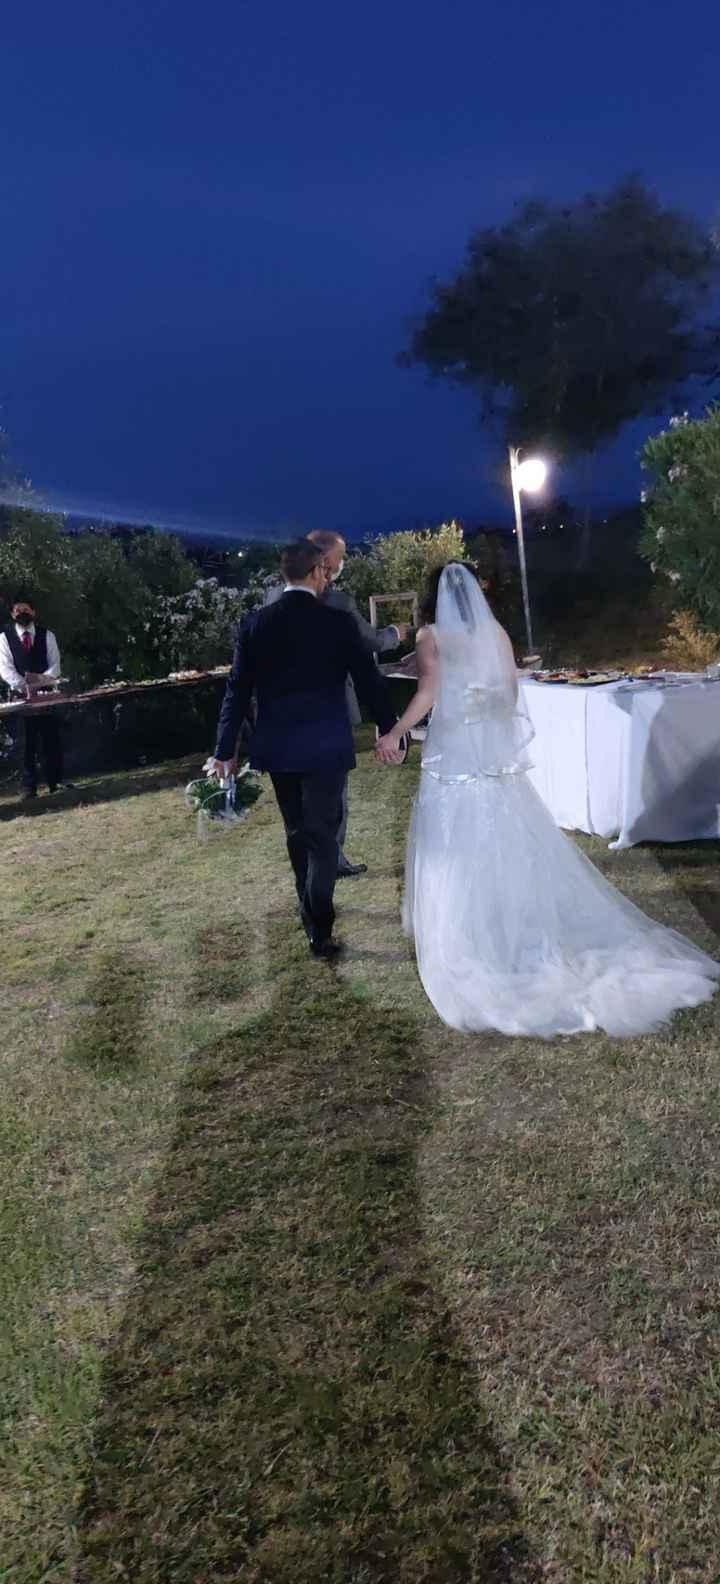 Finalmente ci siamo sposati ❤️❤️❤️ - 2